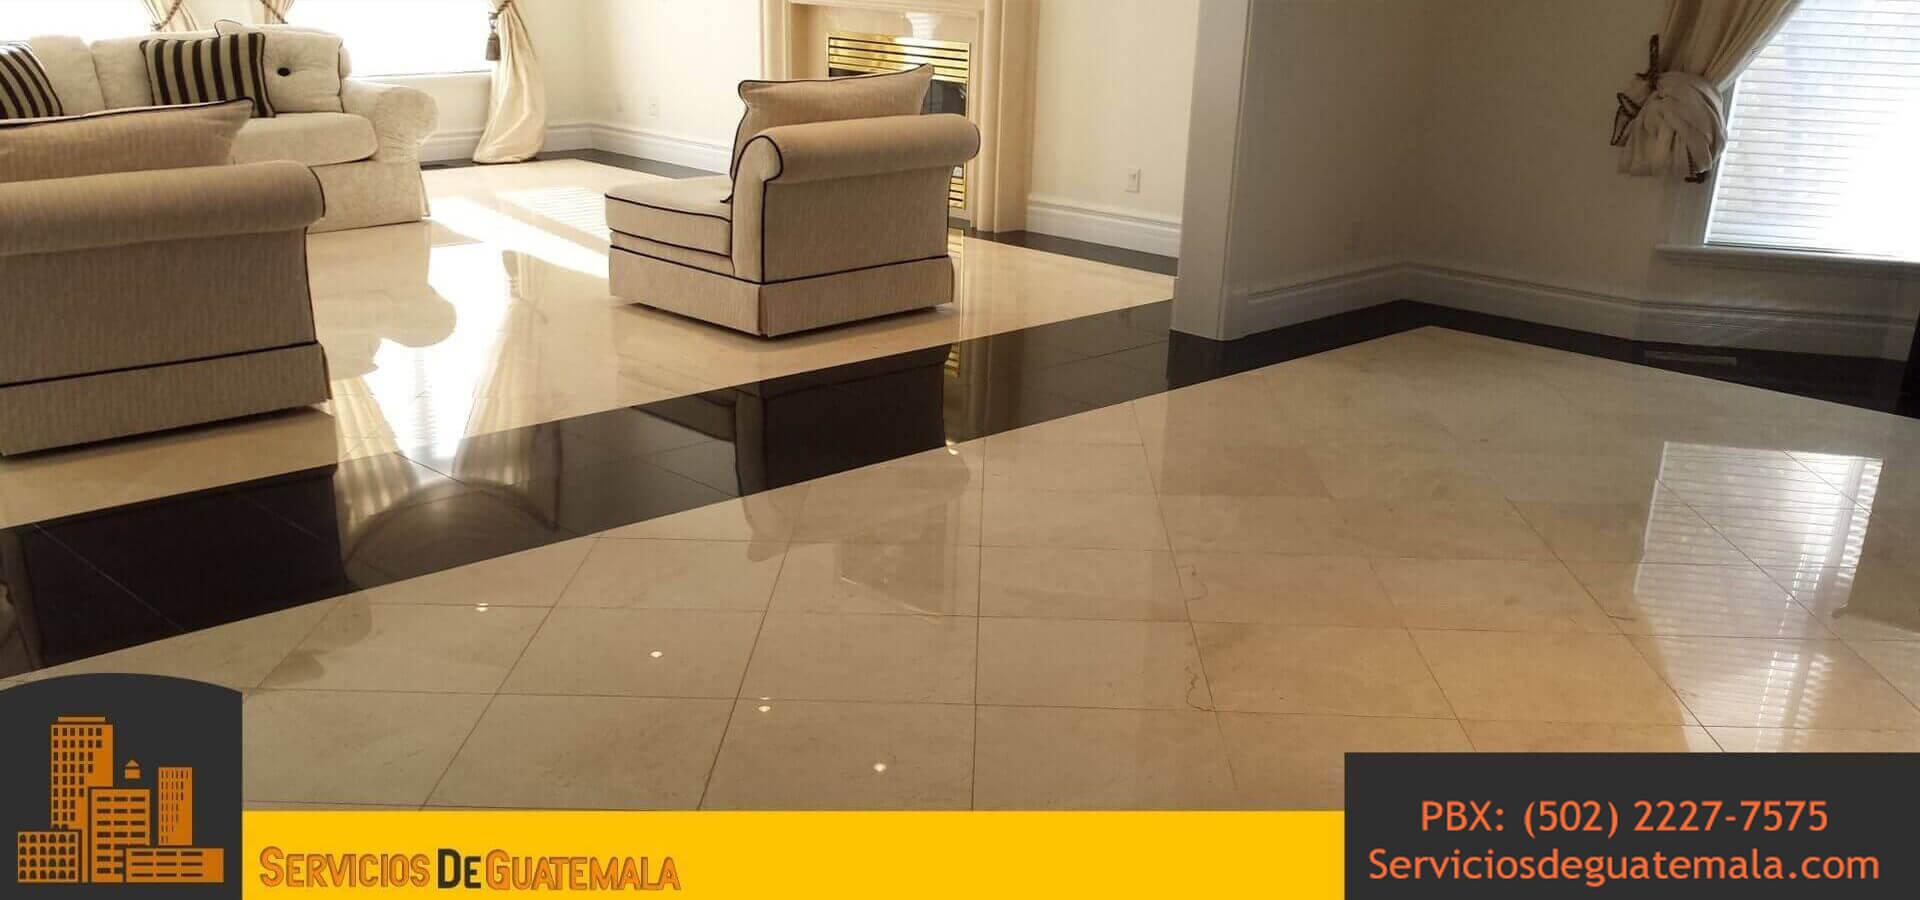 Pulido_de_pisos_Vitrificado_limpieza_oficinas_residencias_casas_industrias_servicios_de_Guatemala-